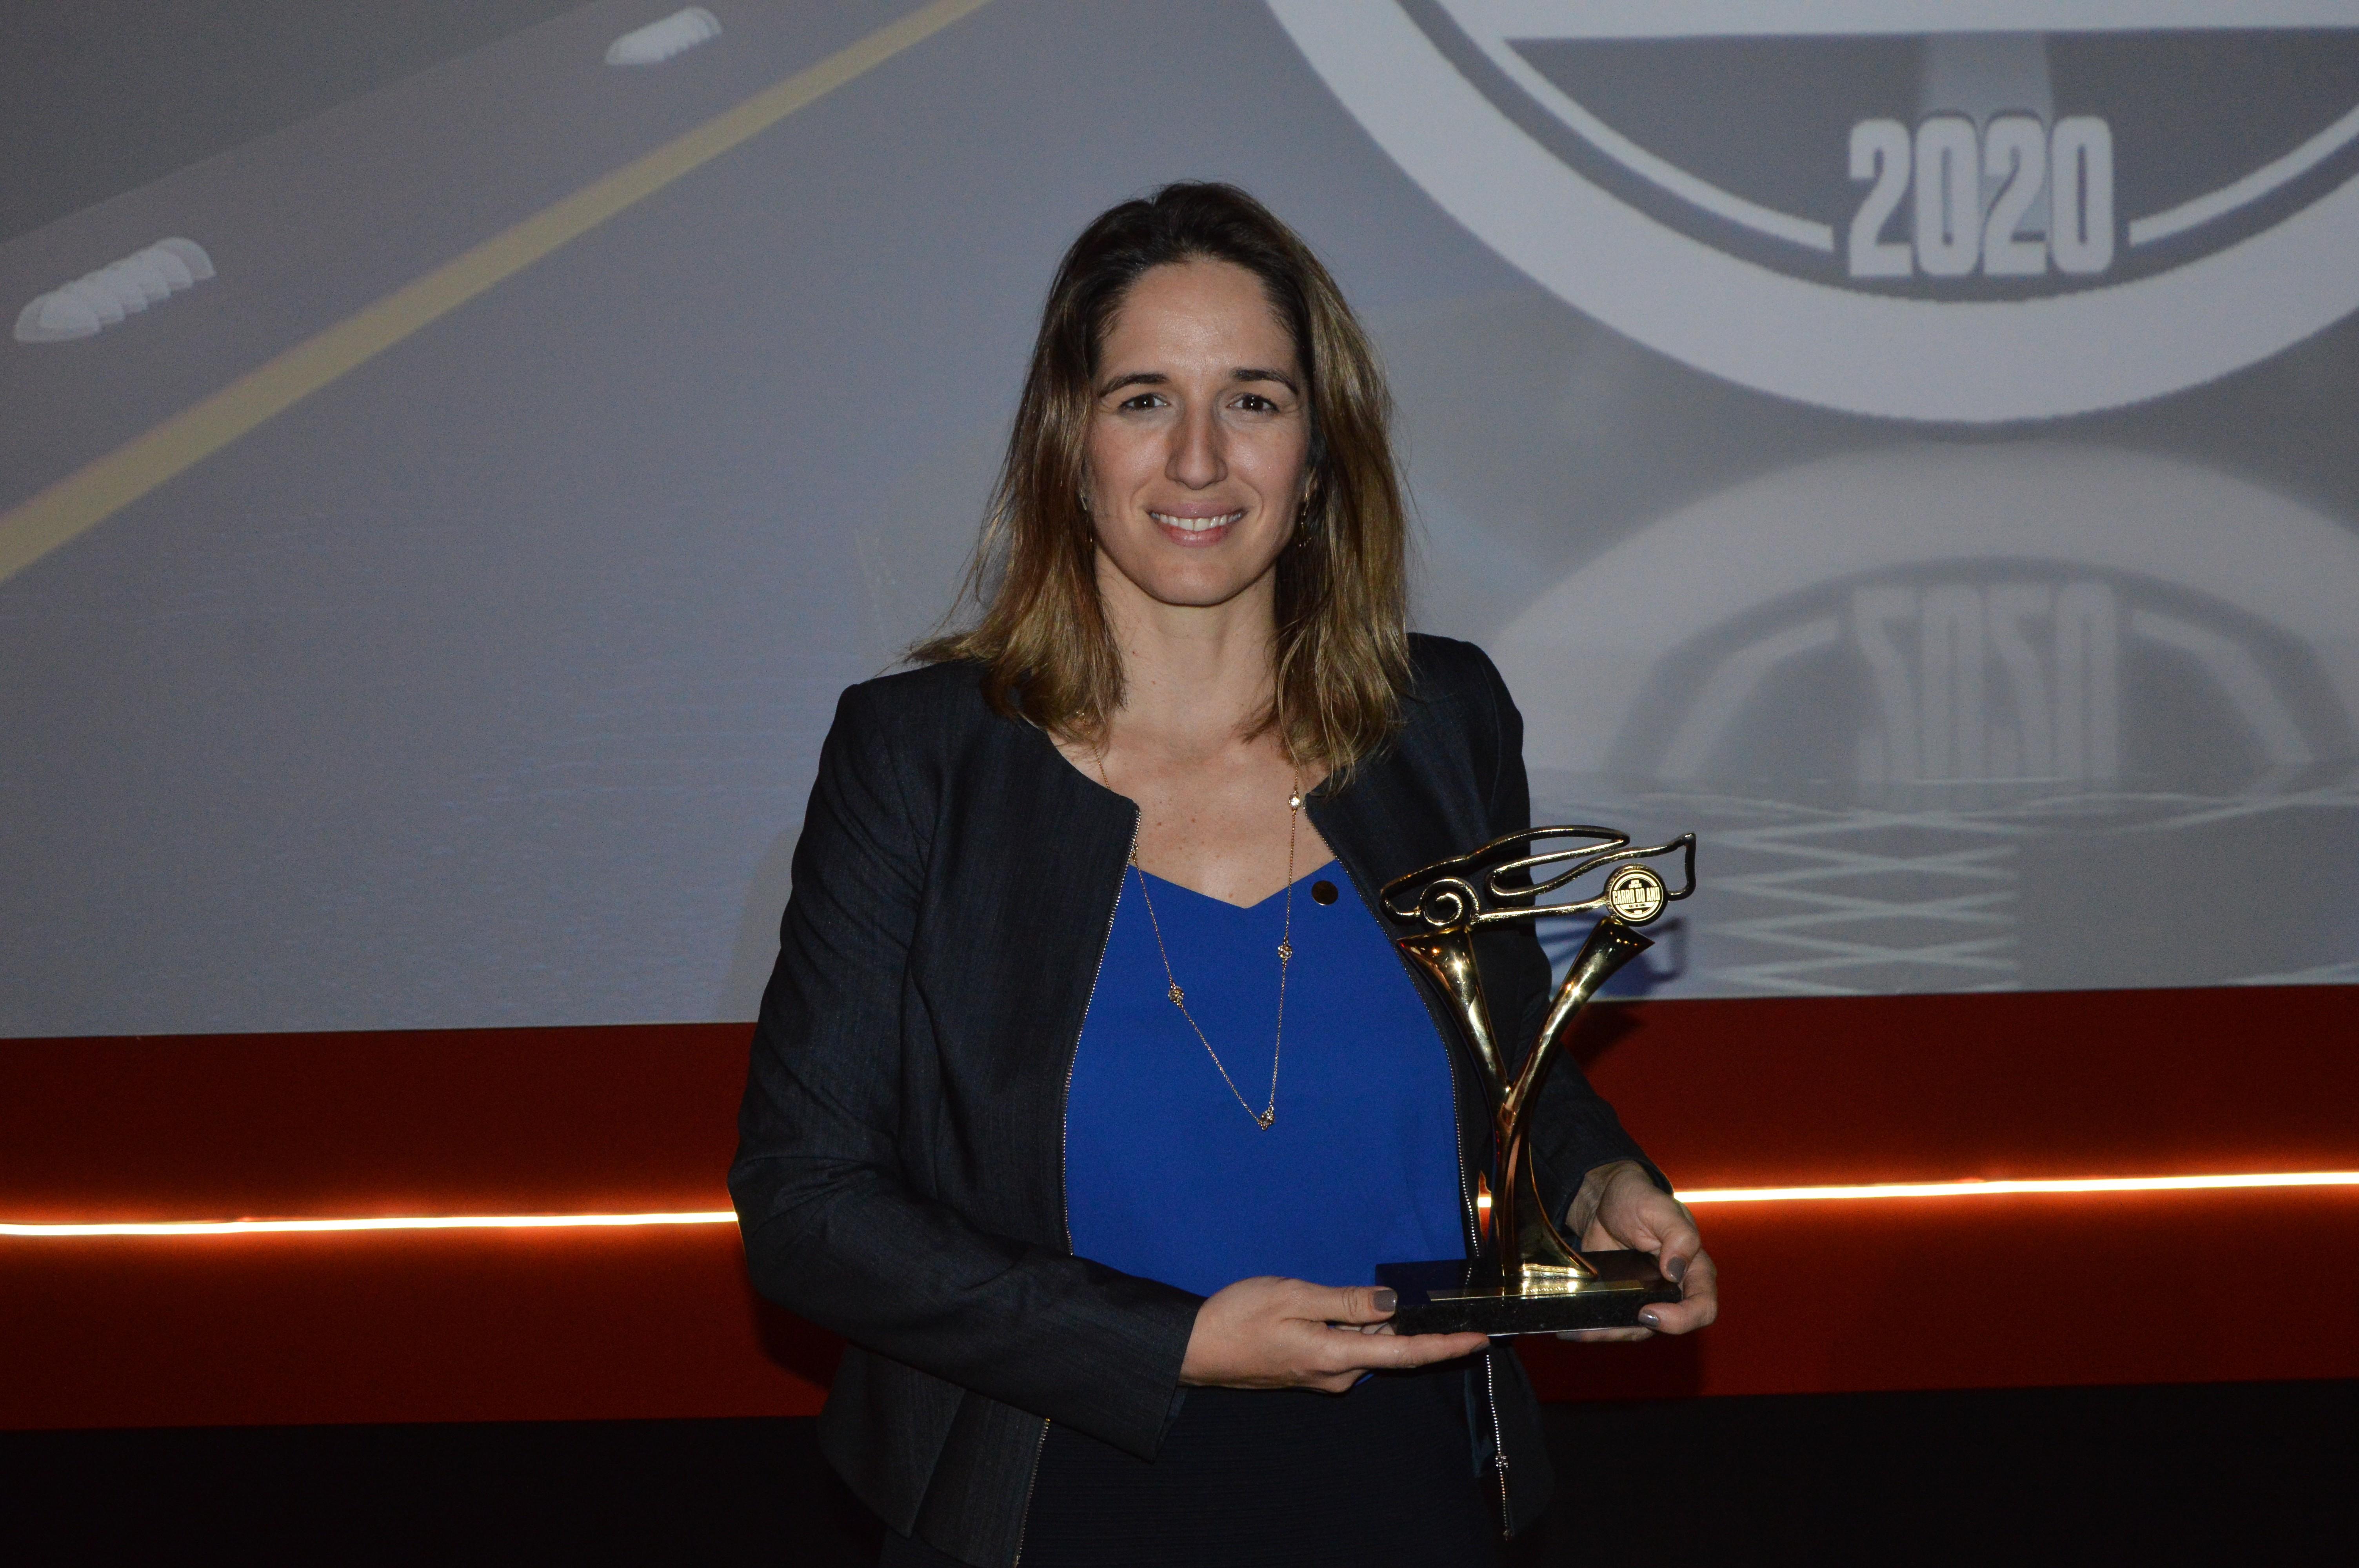 Bia Figueiredo é a mais nova integrante do Hall da Fama Autoesporte (Foto: André Schaun)